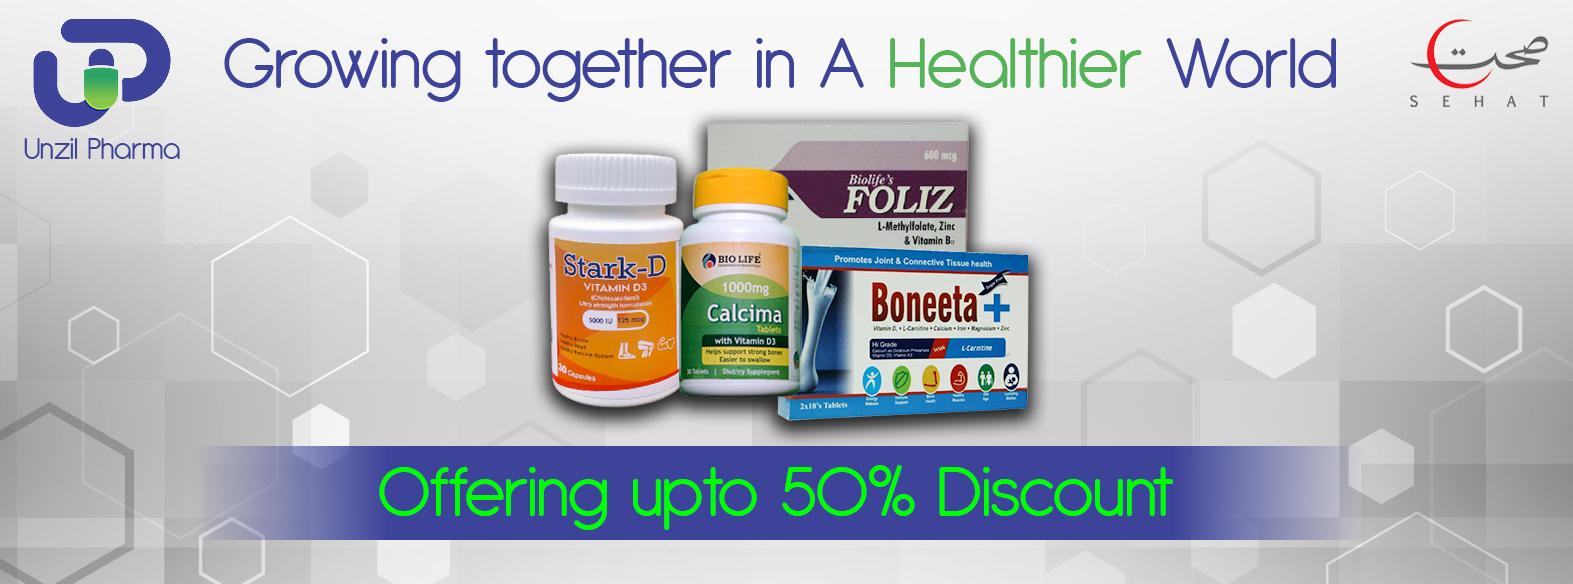 Unzil Pharma